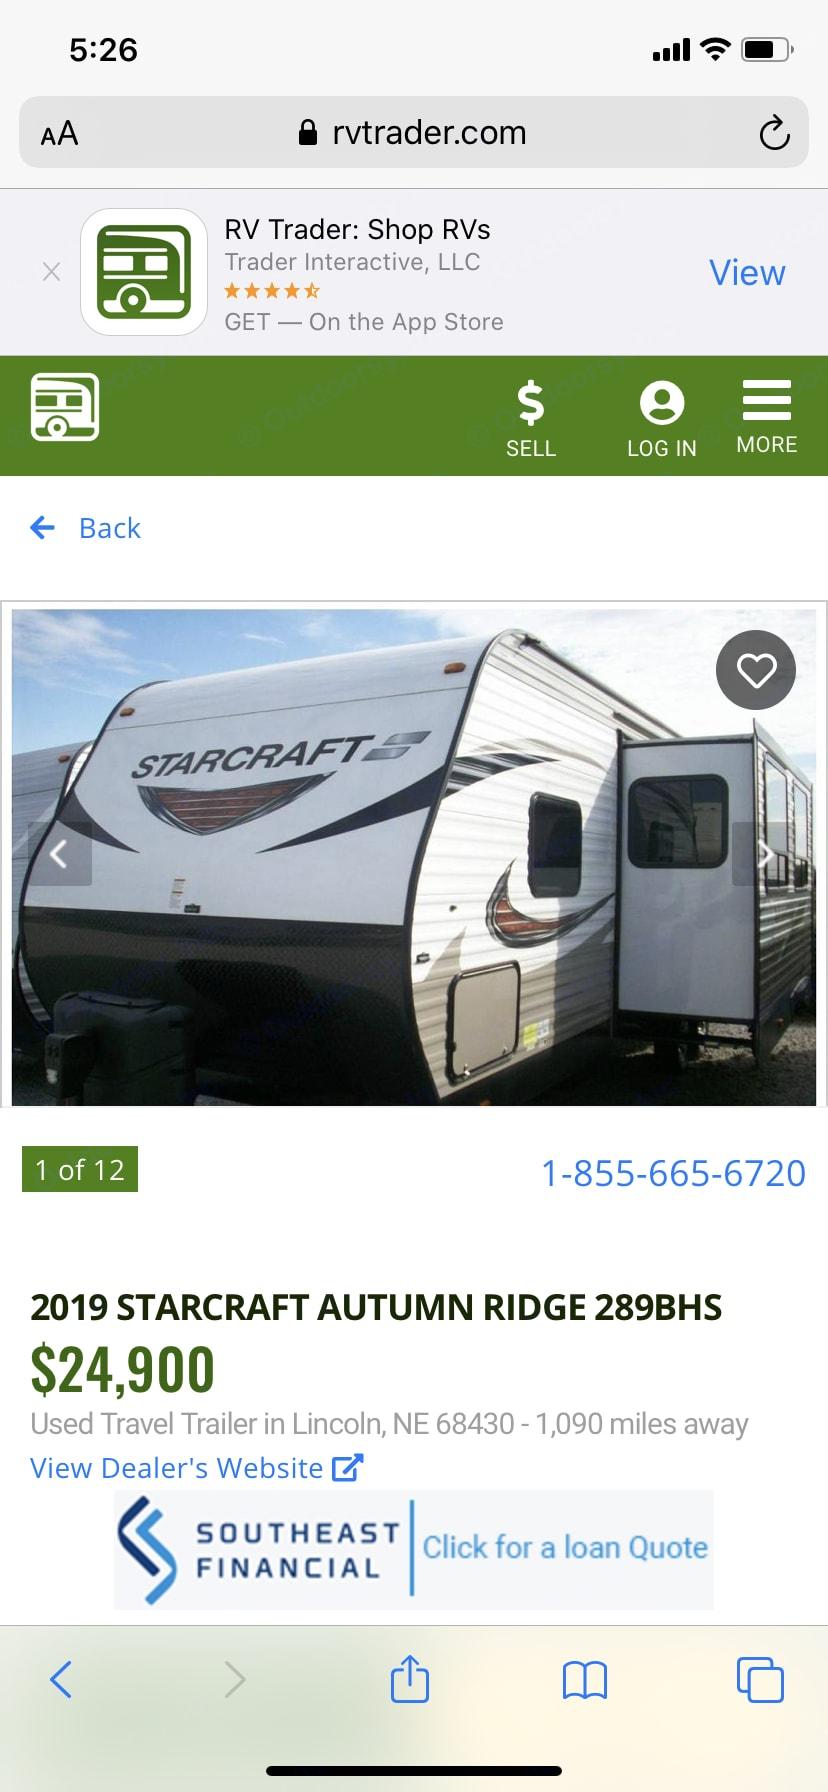 Starcraft Autumn Ridge 2015